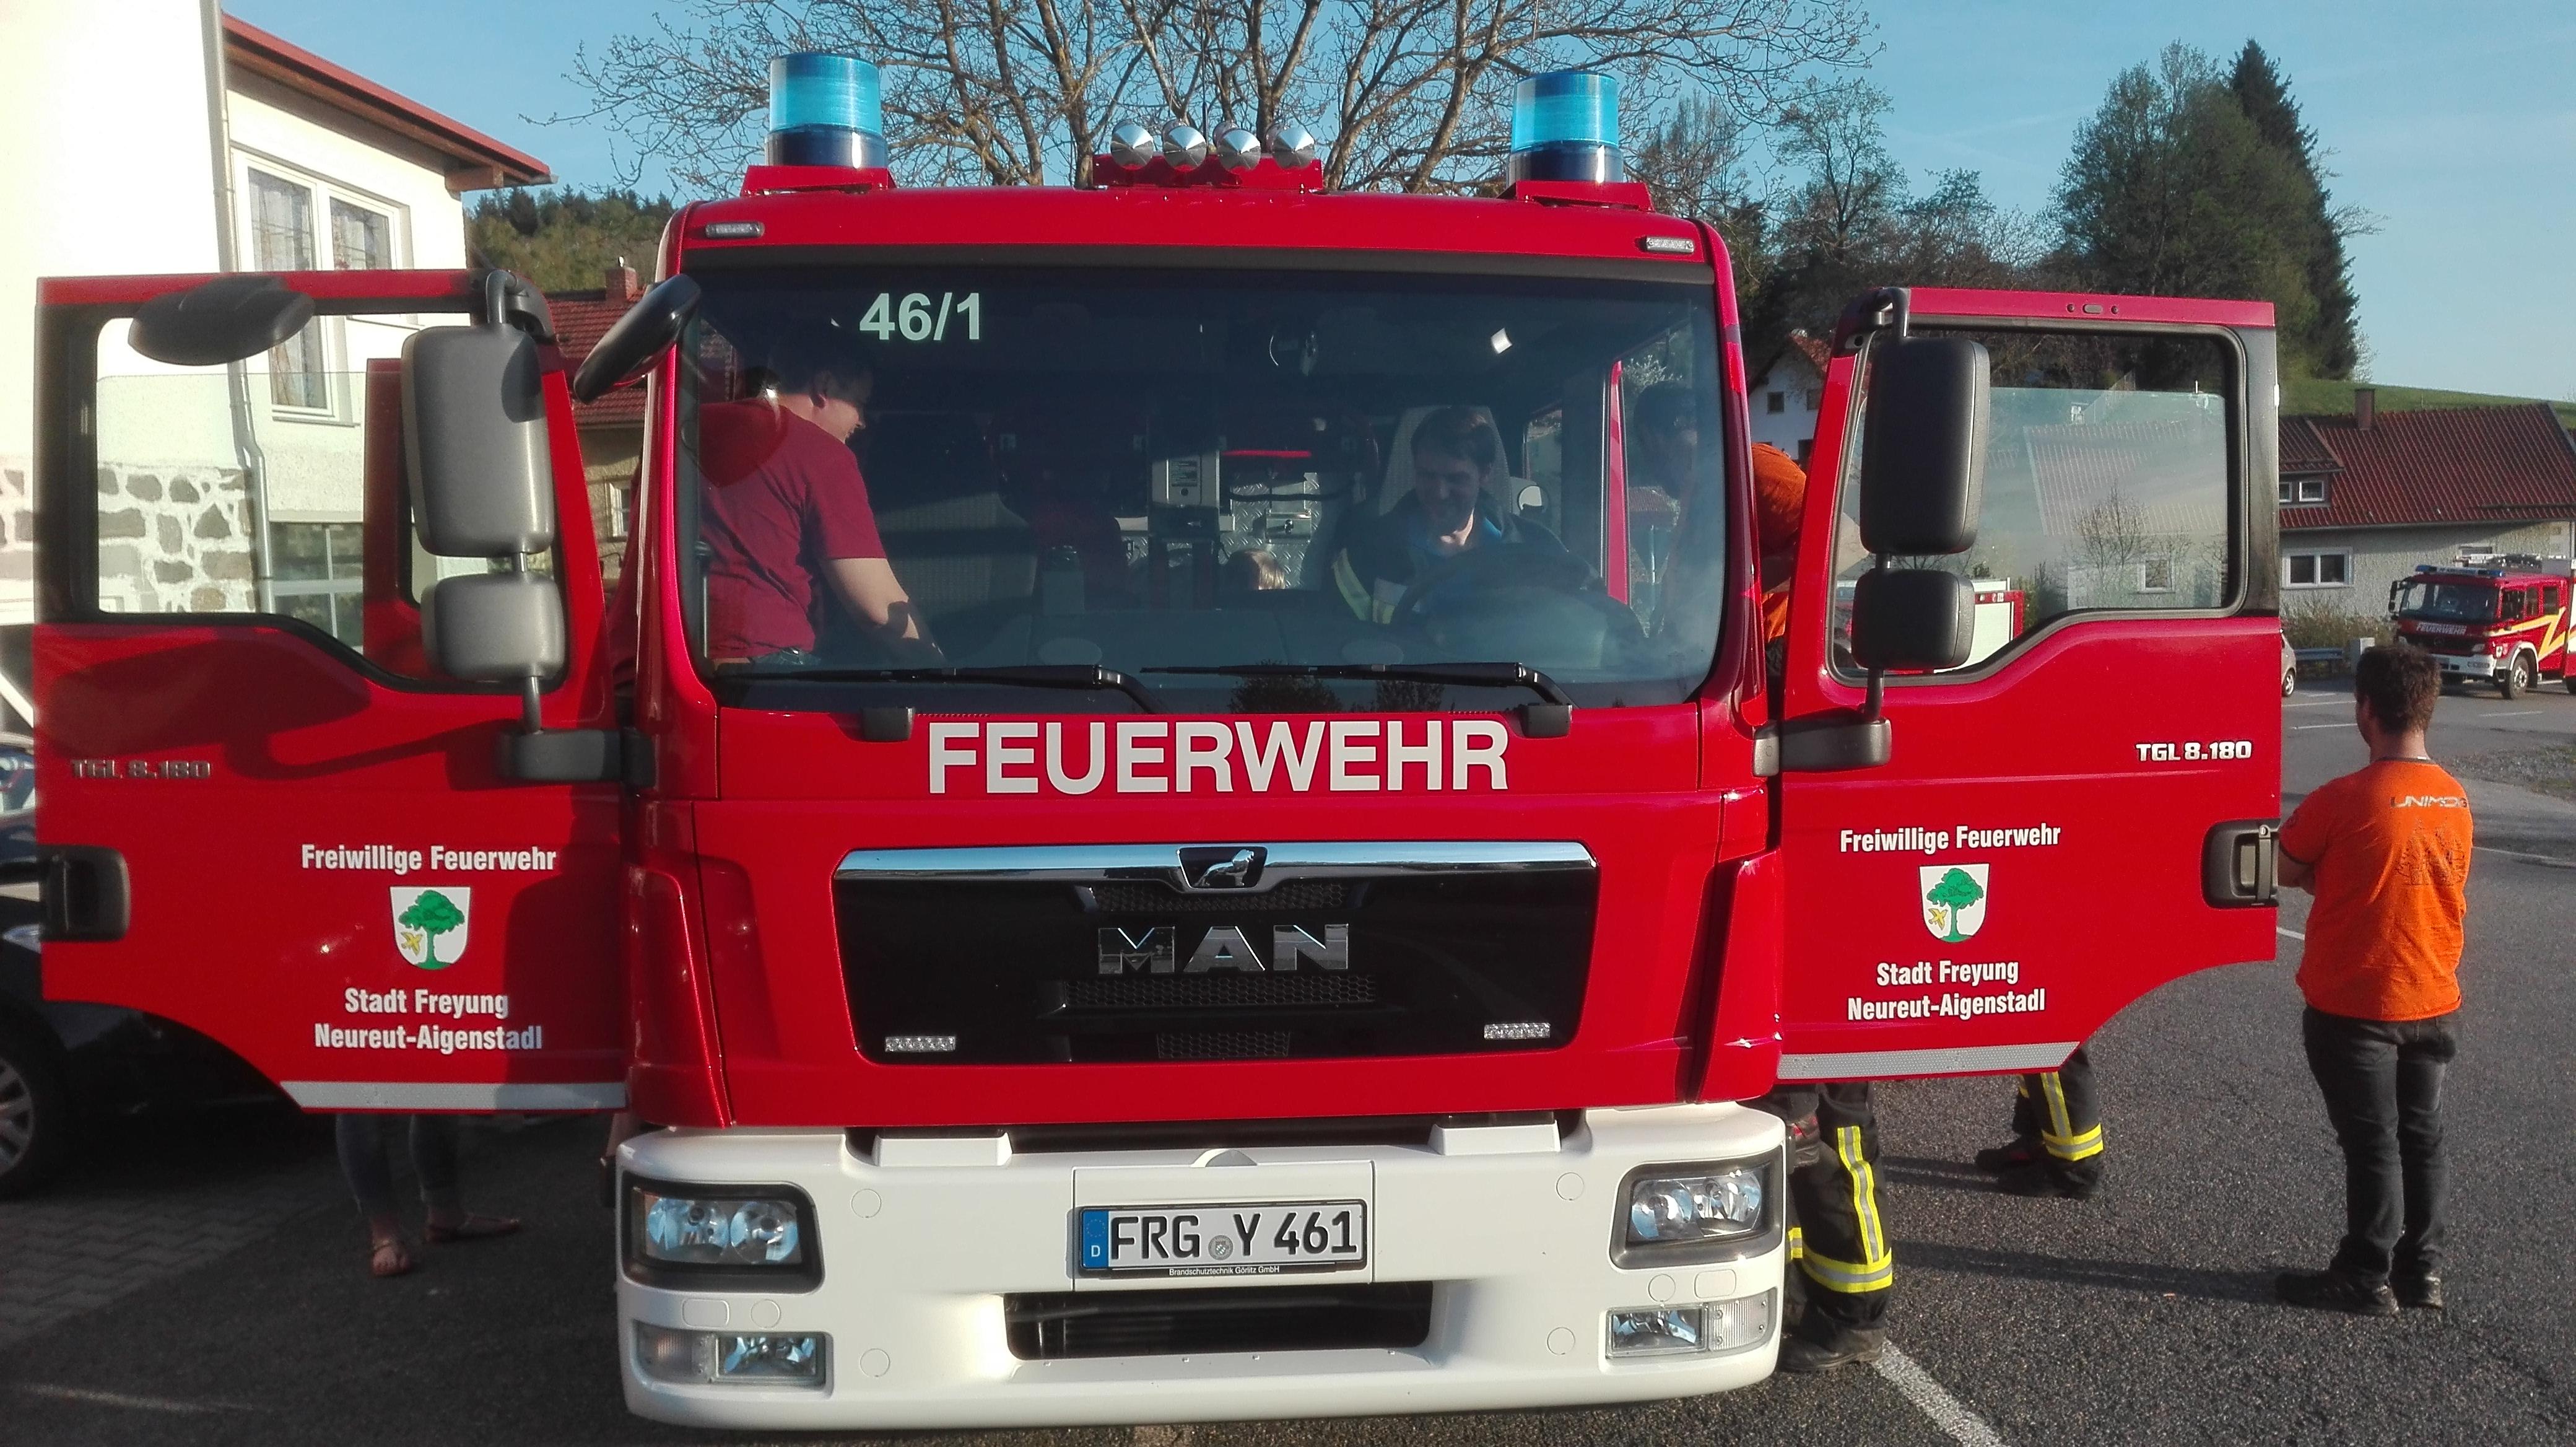 Begrüßung des neuen TSF-W der FF Neureut-Aigenstadl